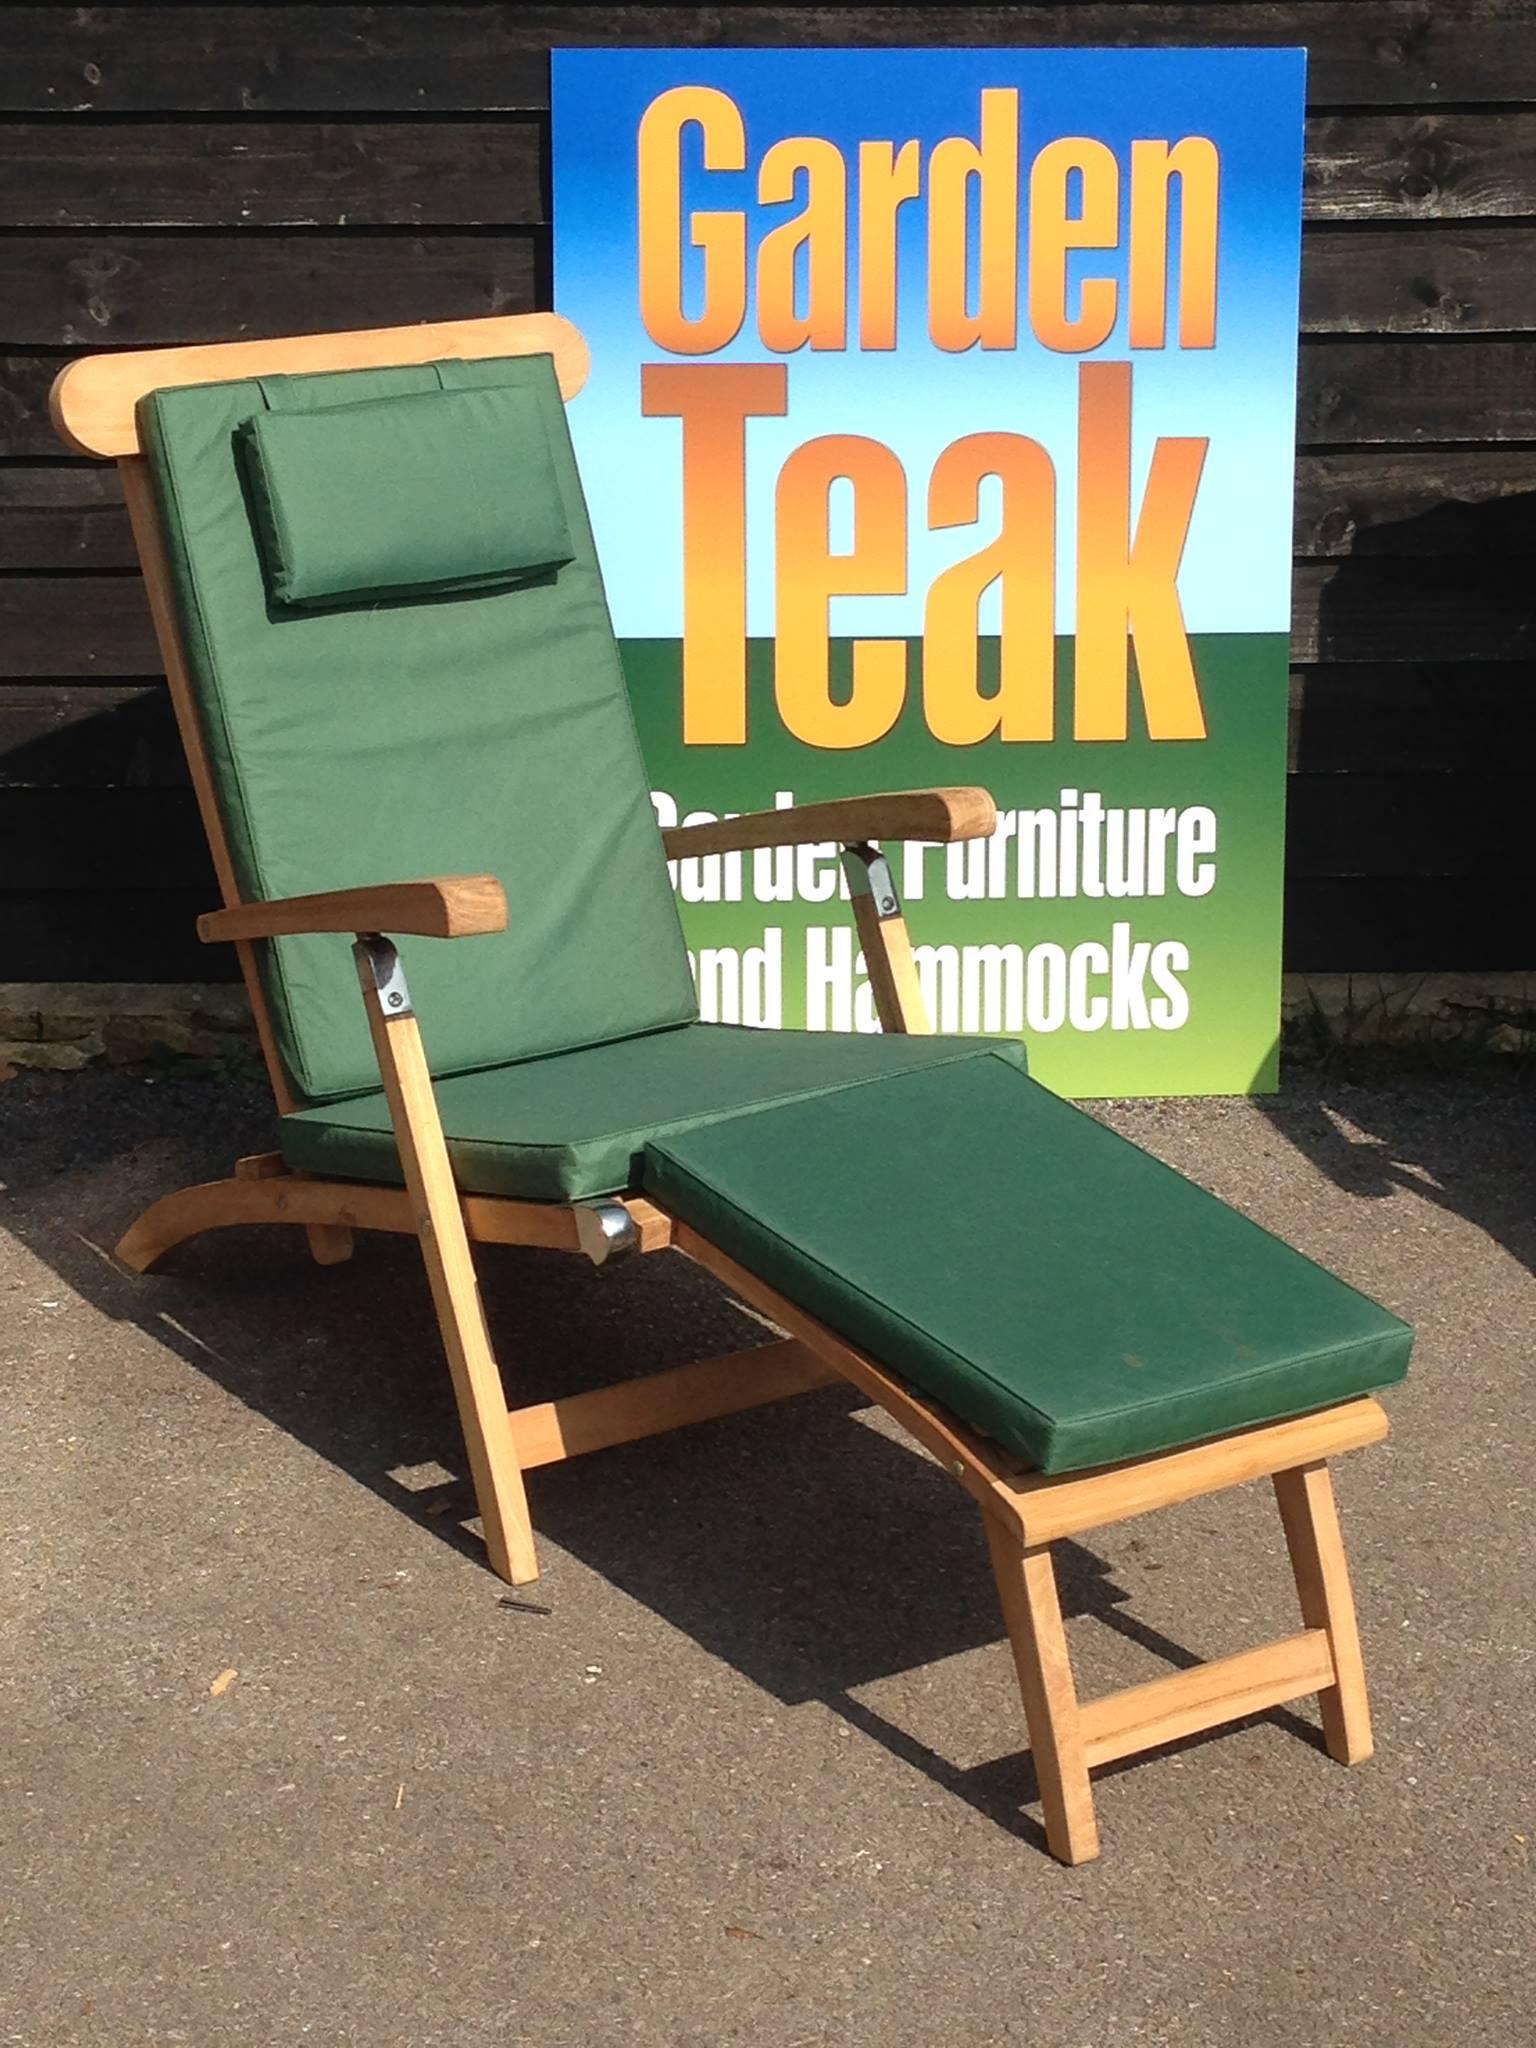 Villa & Hut Teak Steamer Chair with Cushion £199